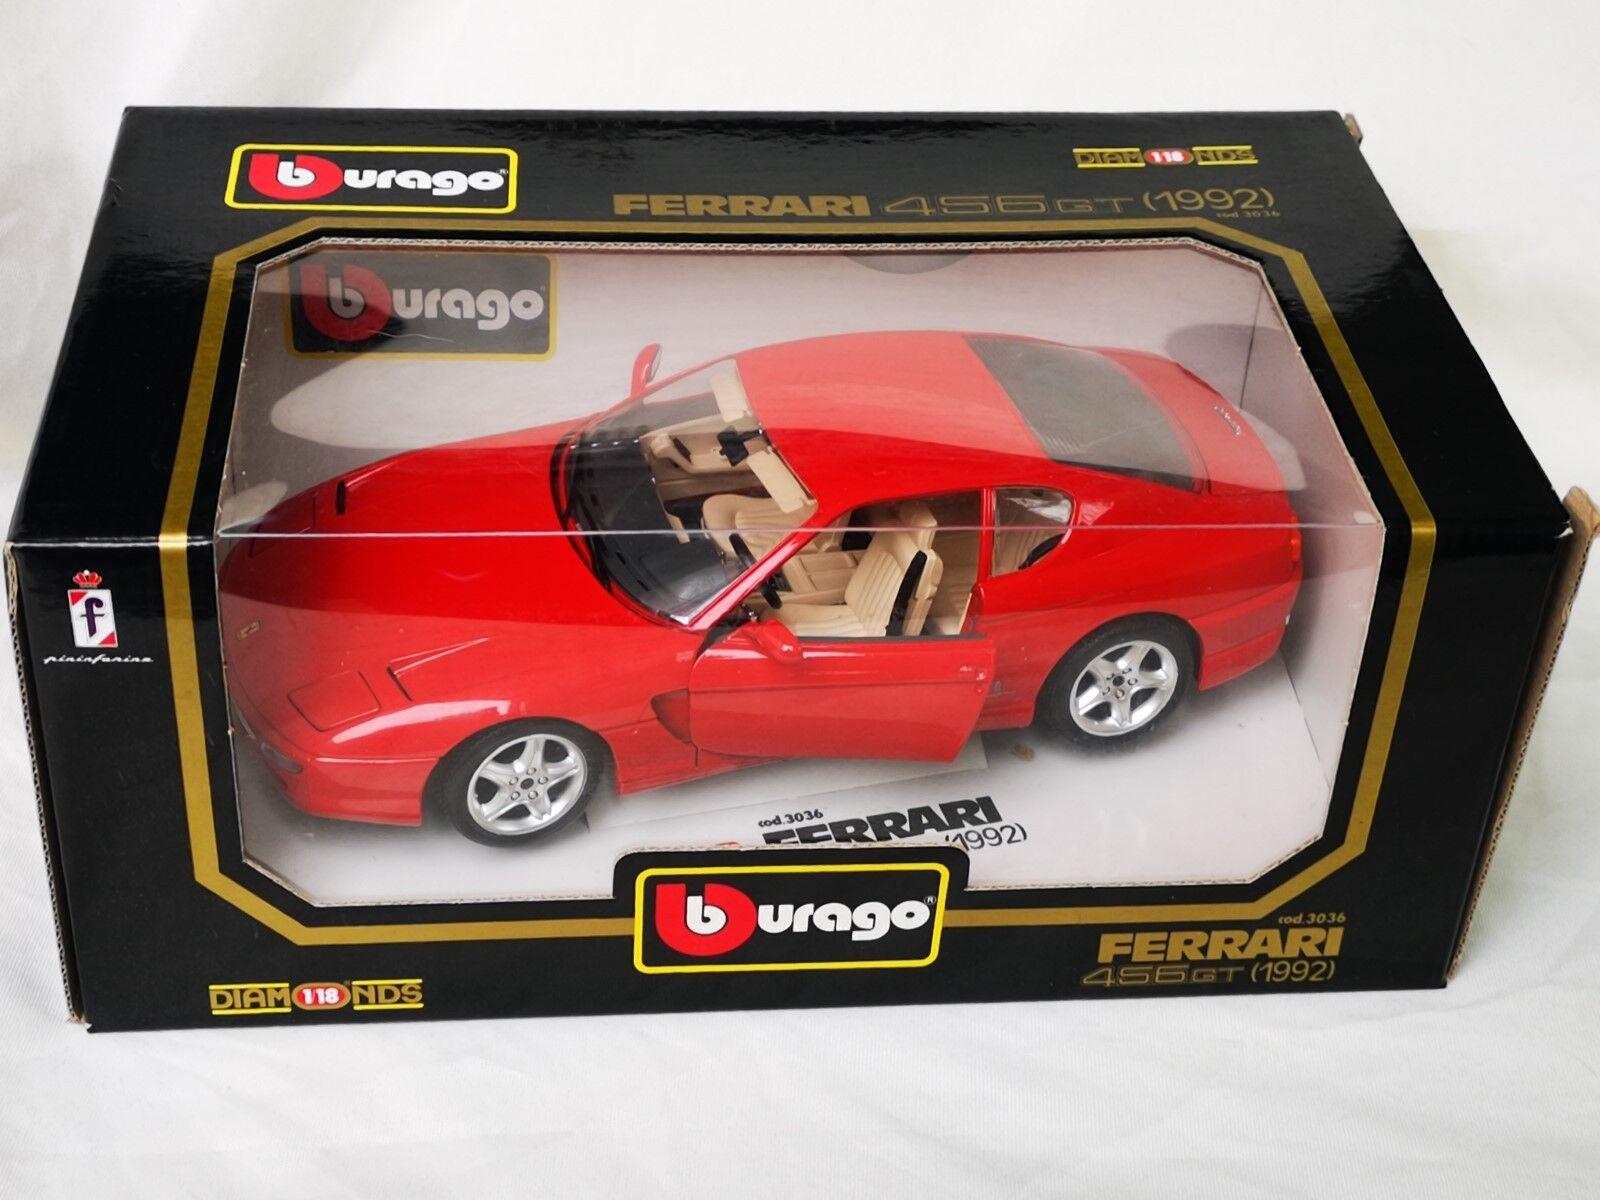 Bburago Ferrari 456 GT (1992) el elenco no de metal. 3036 1 18 en caja